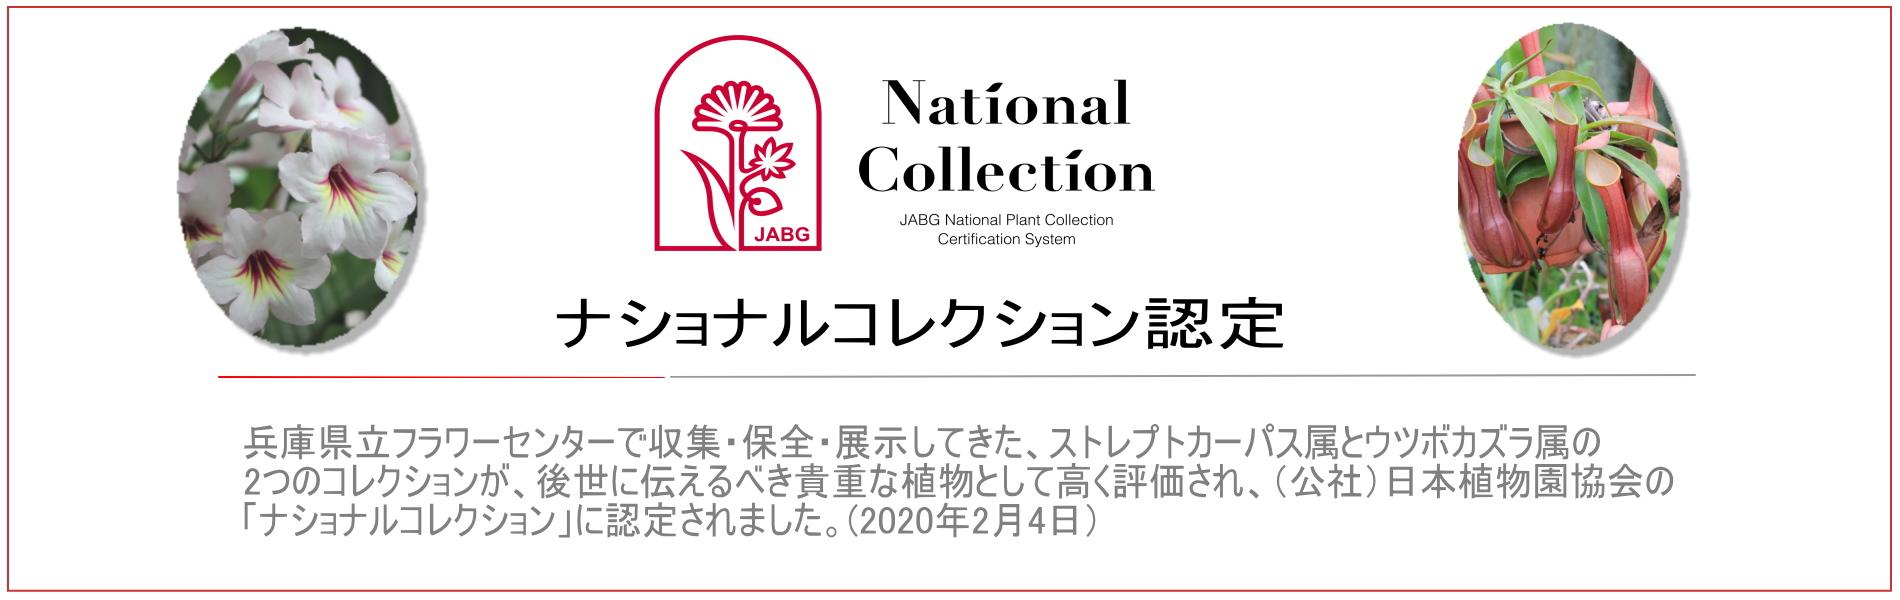 ナショナルコレクション認定